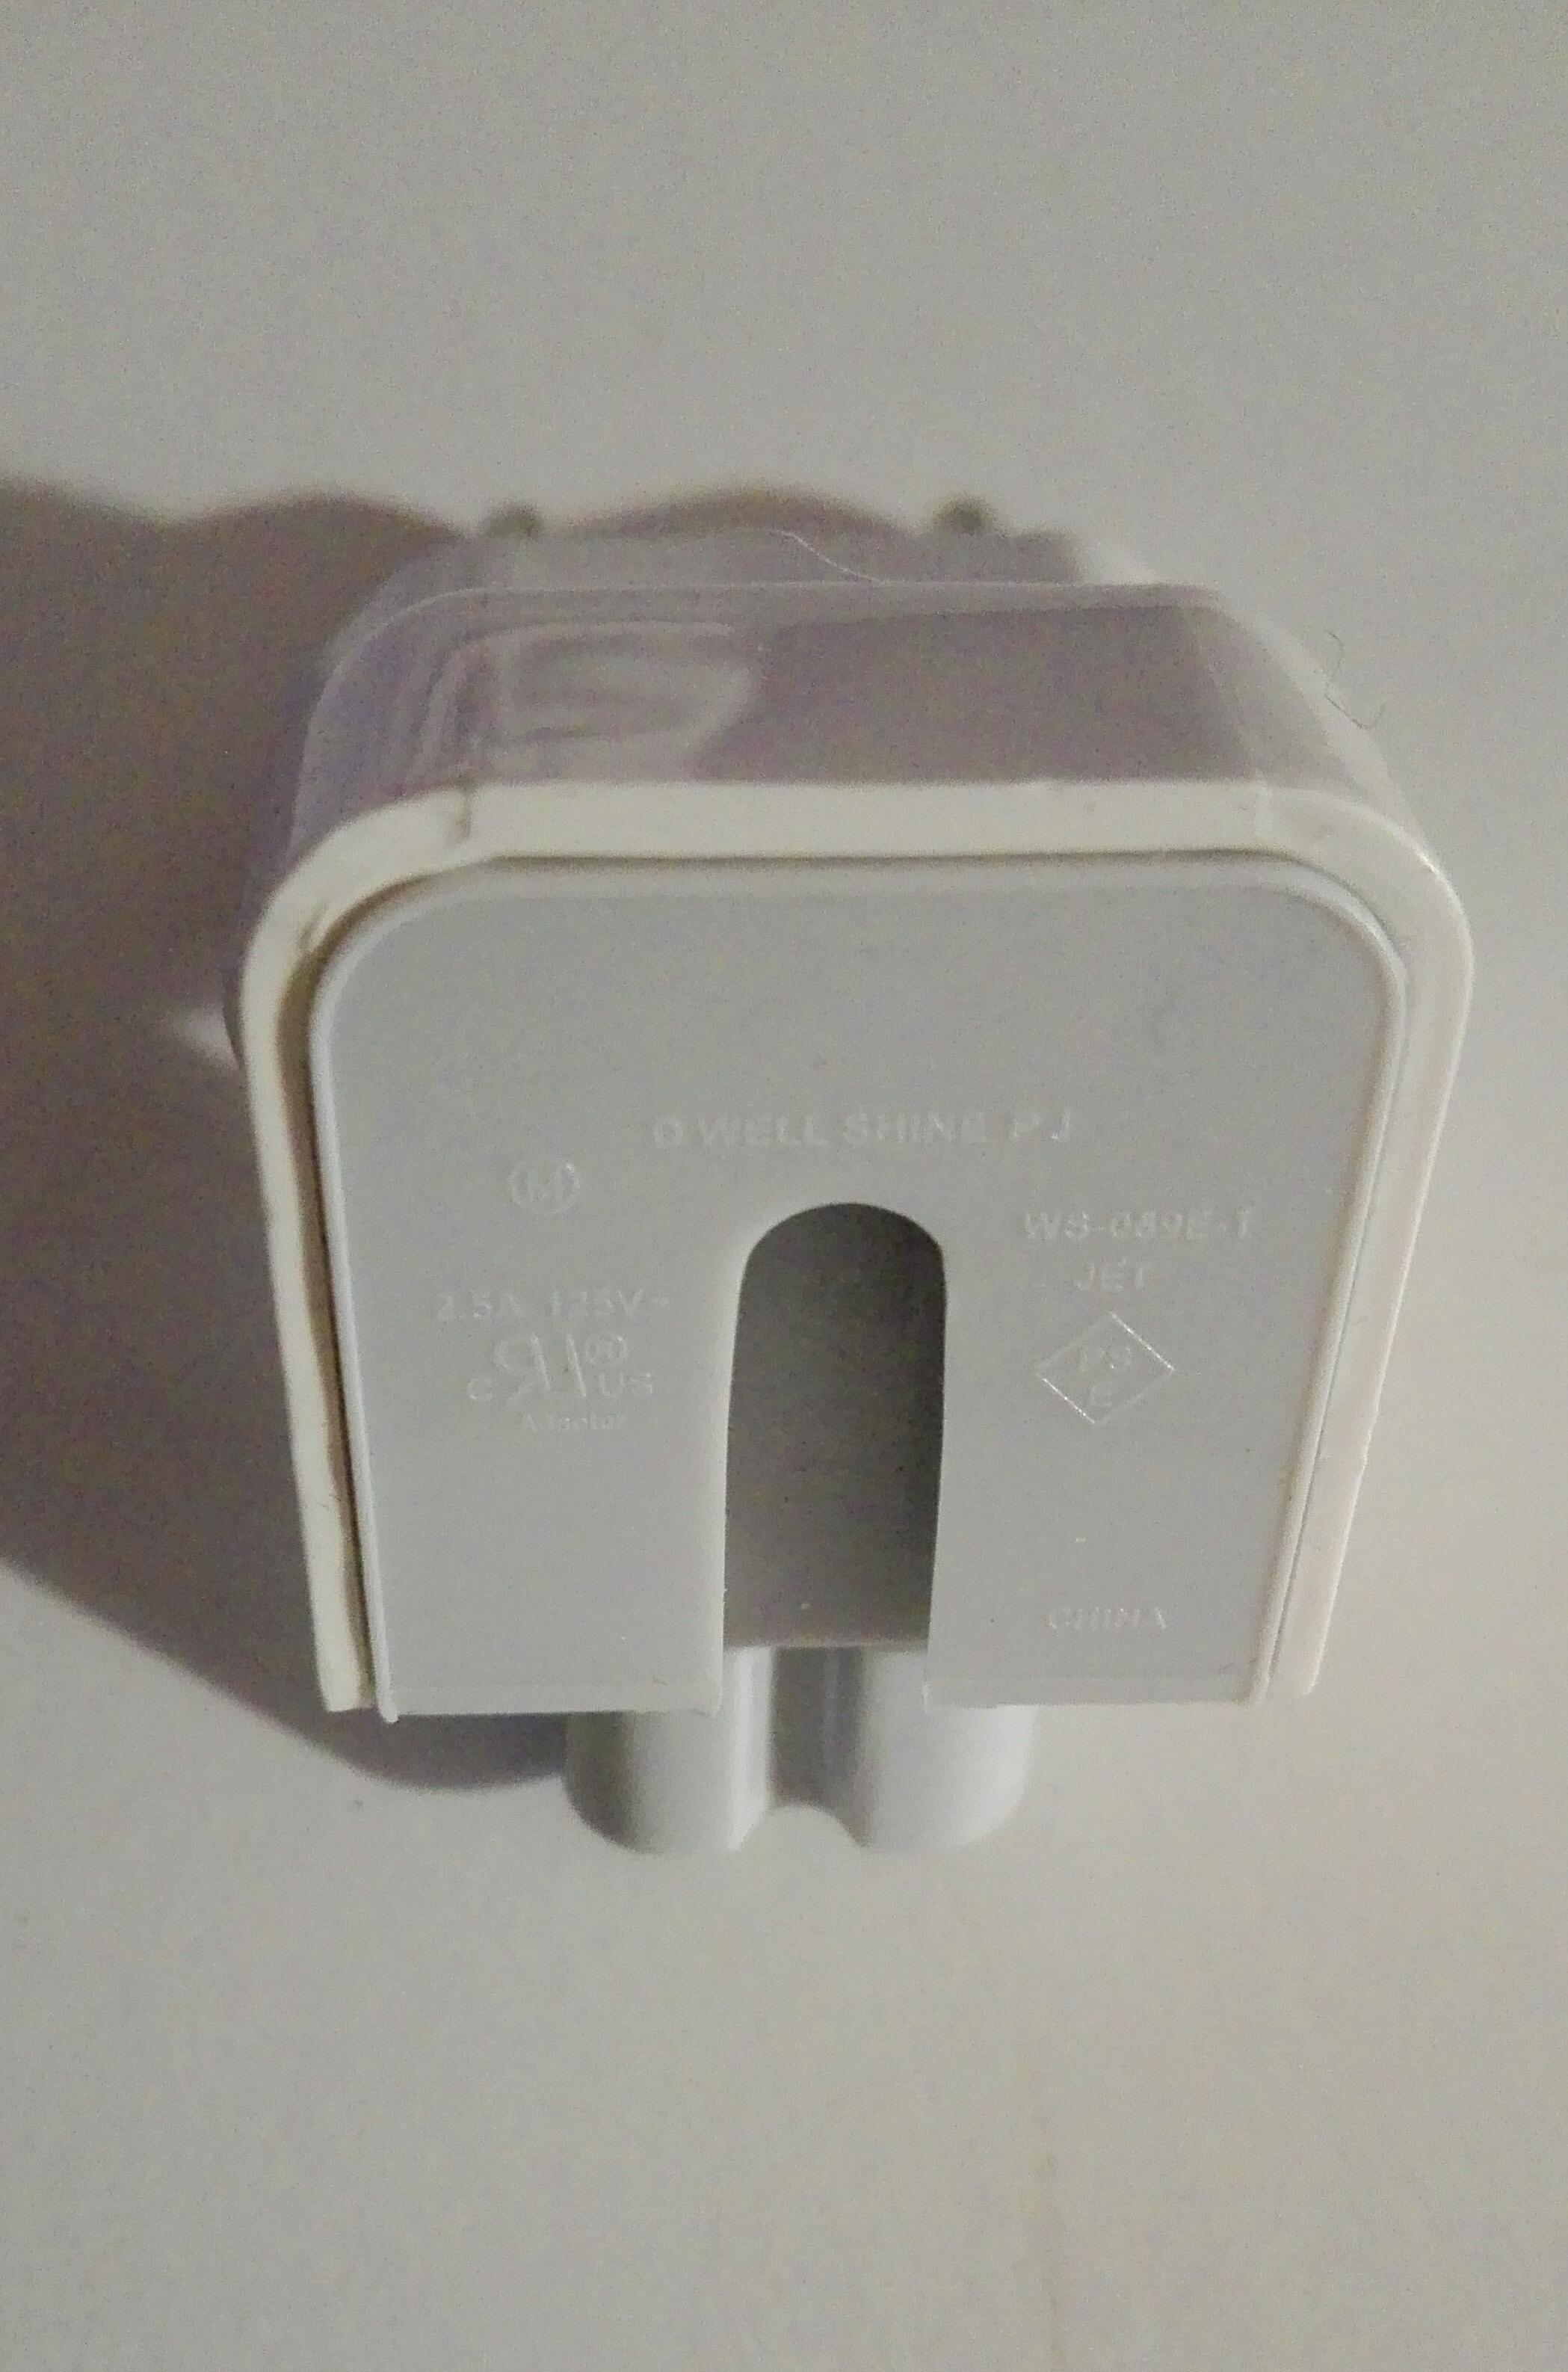 troc de troc embout pour cable chargeur macbook pro image 2